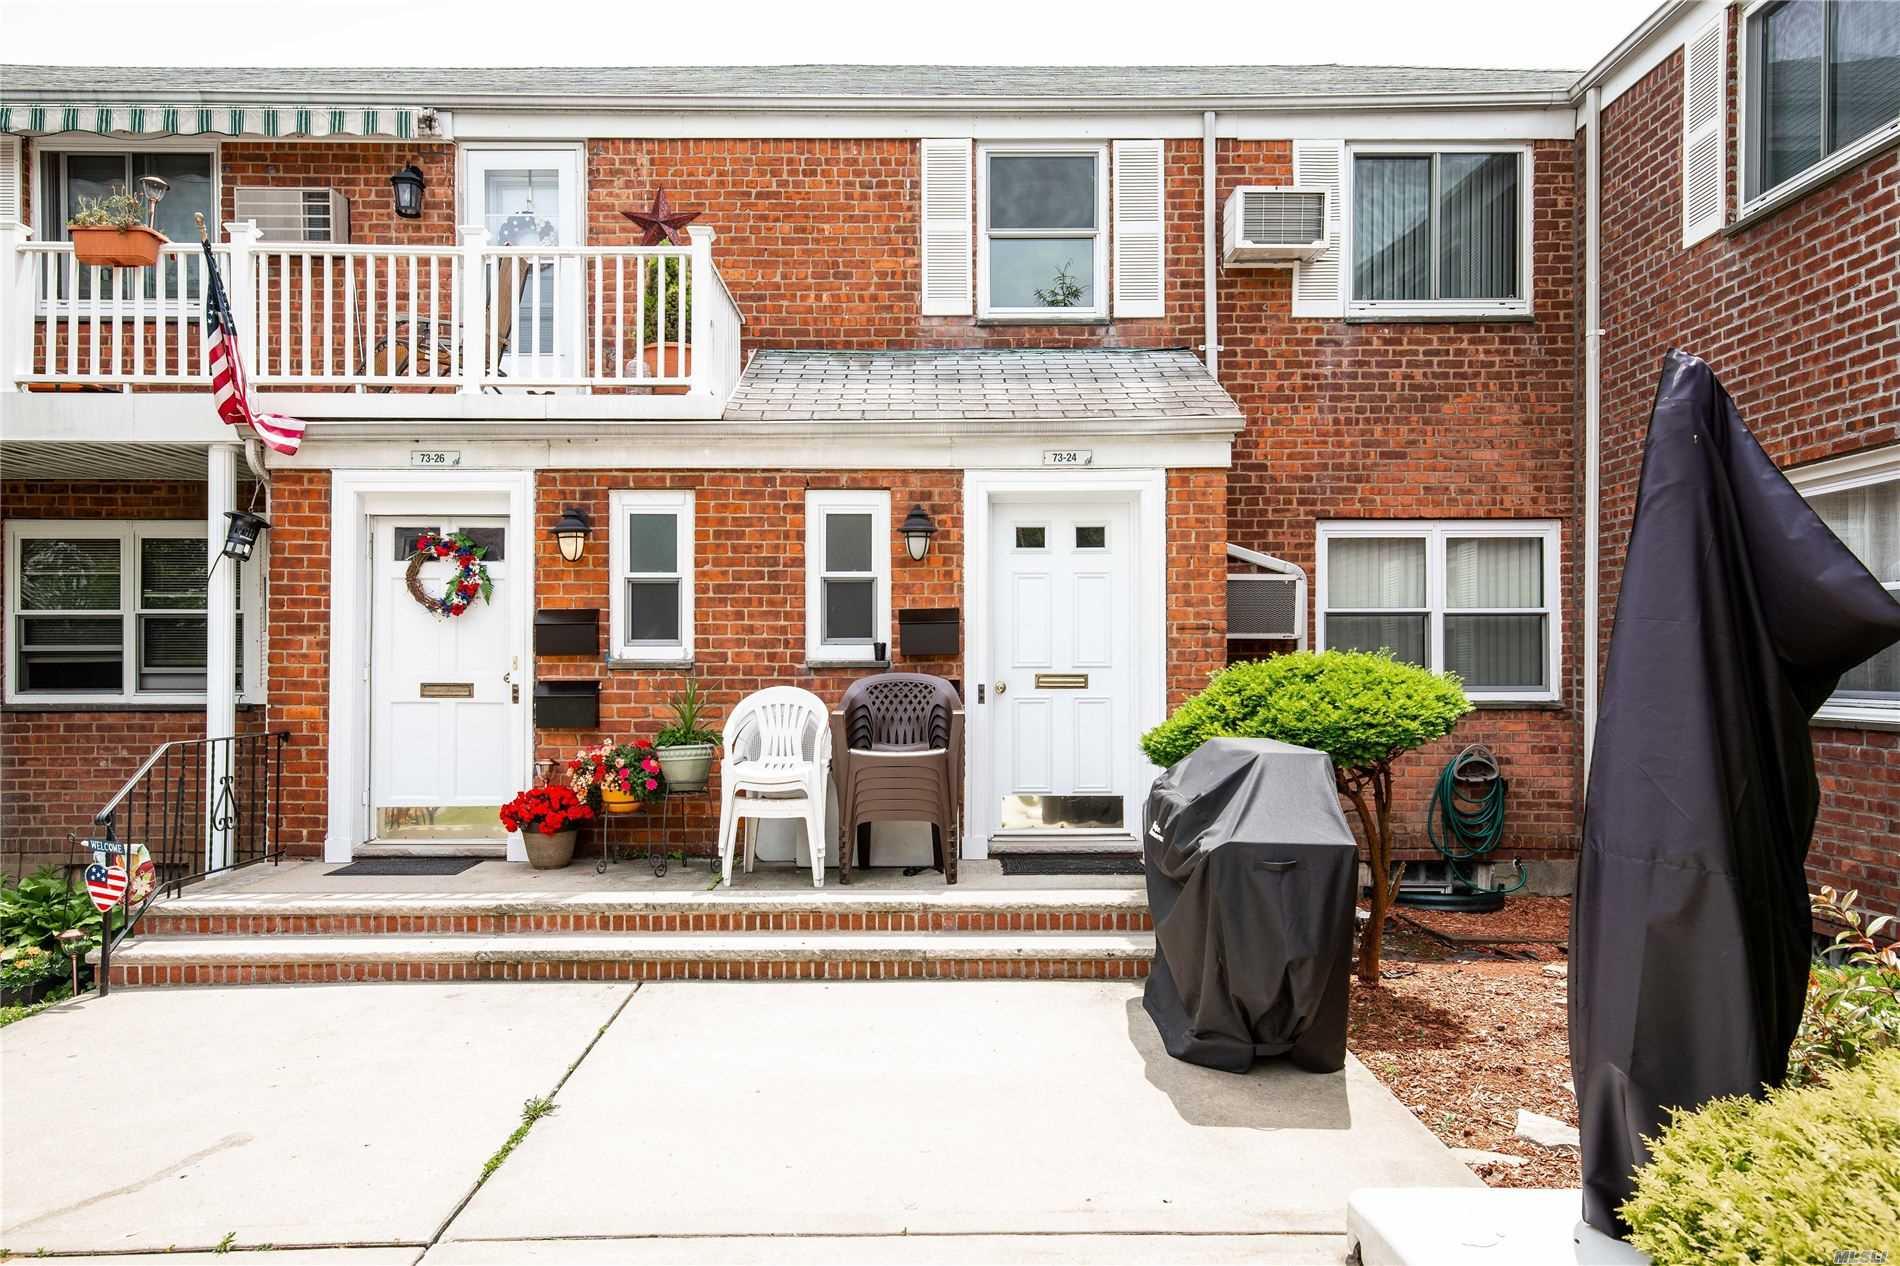 73-24 260th St, Upper - Glen Oaks, New York